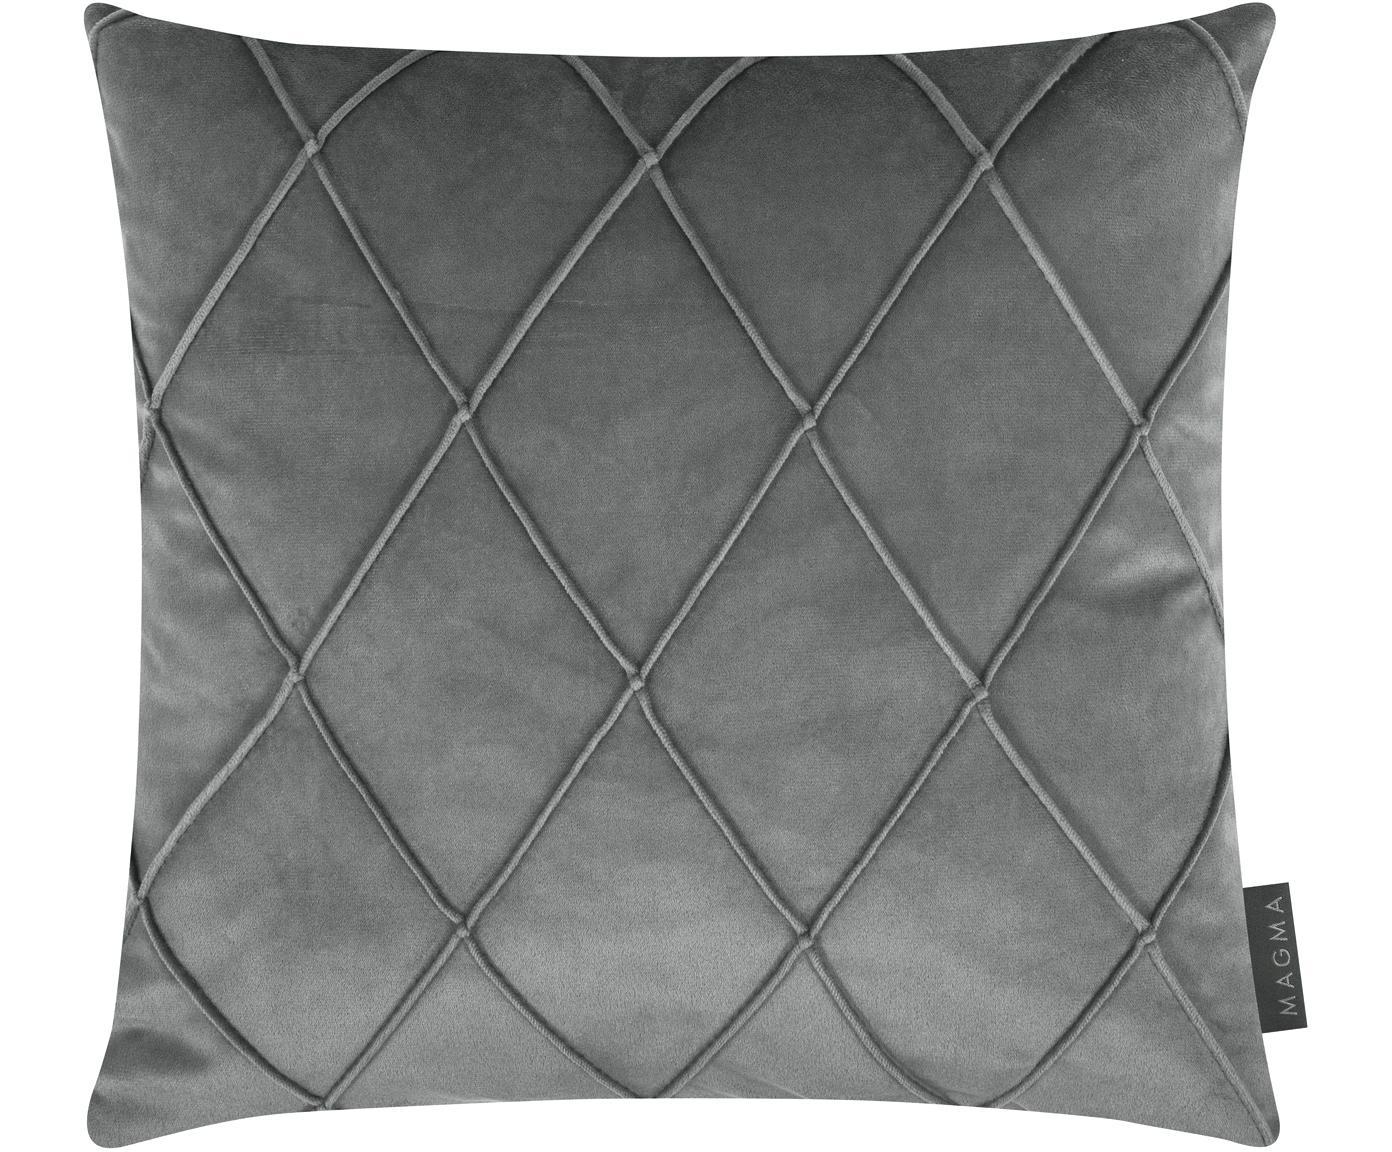 Poszewka na poduszkę z aksamitu Nobless, Aksamit poliestrowy, Szary, S 50 x D 50 cm